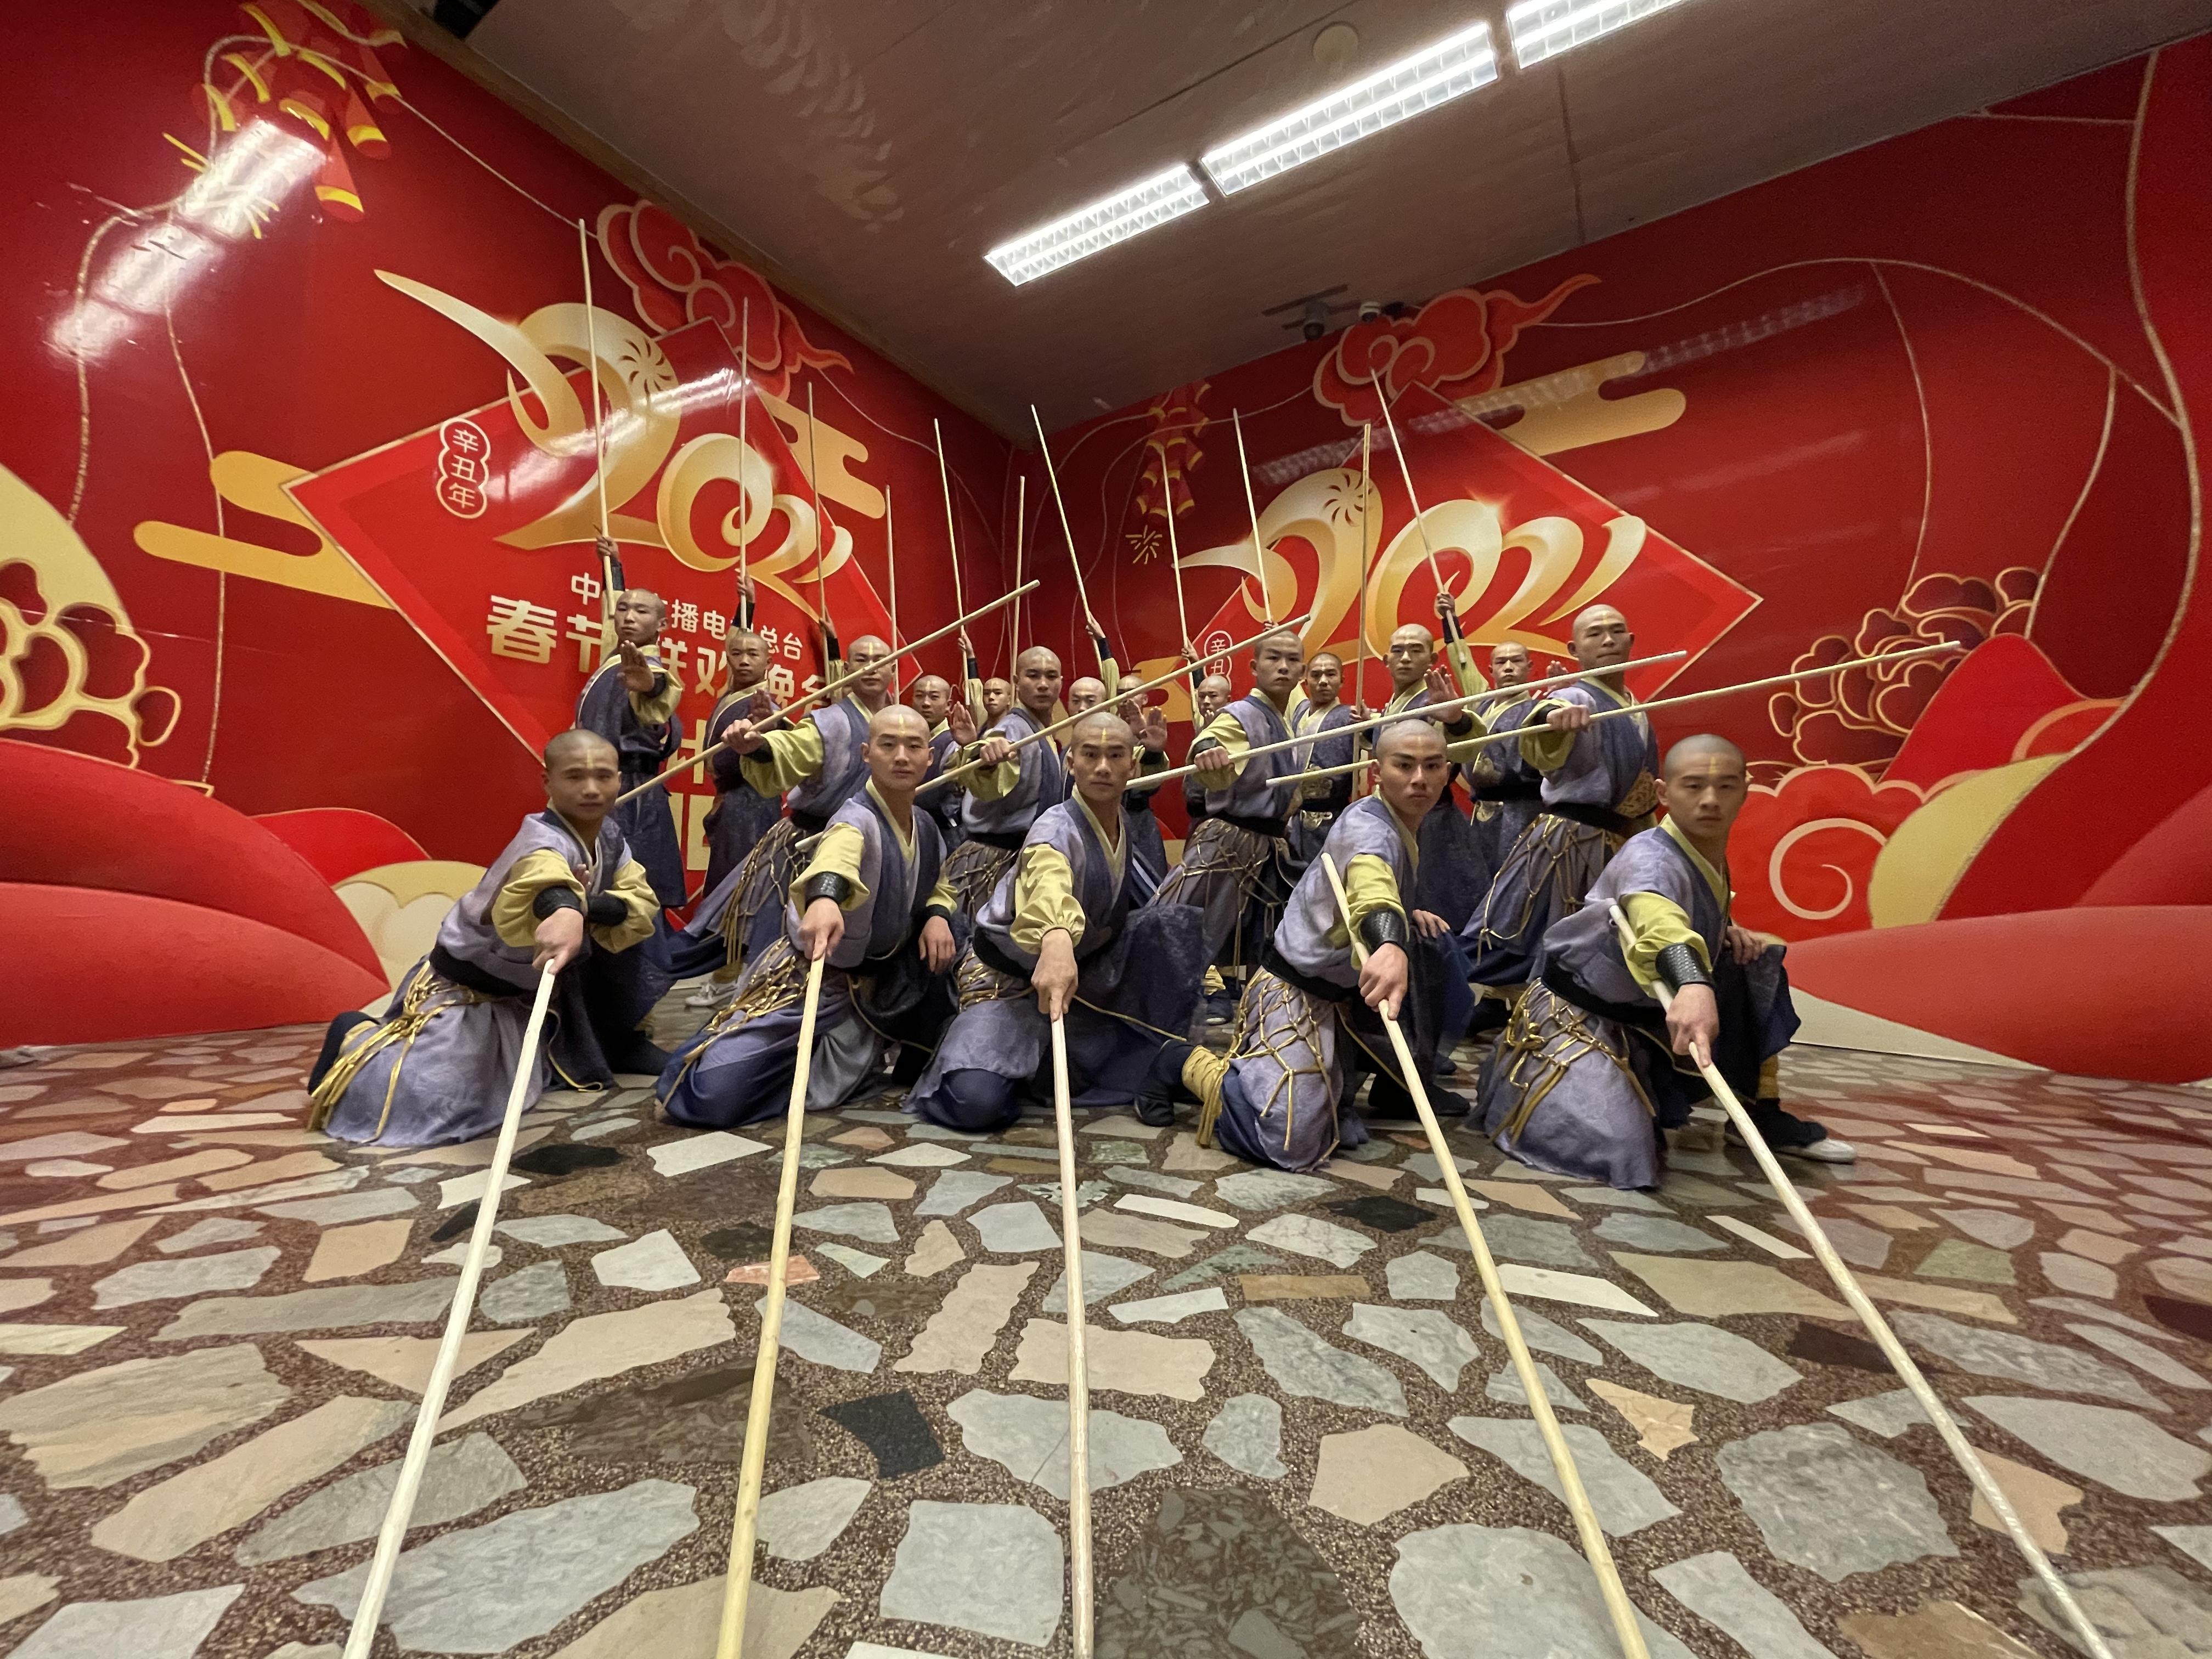 央视牛年春晚武术节目创意源自《孙子兵法》